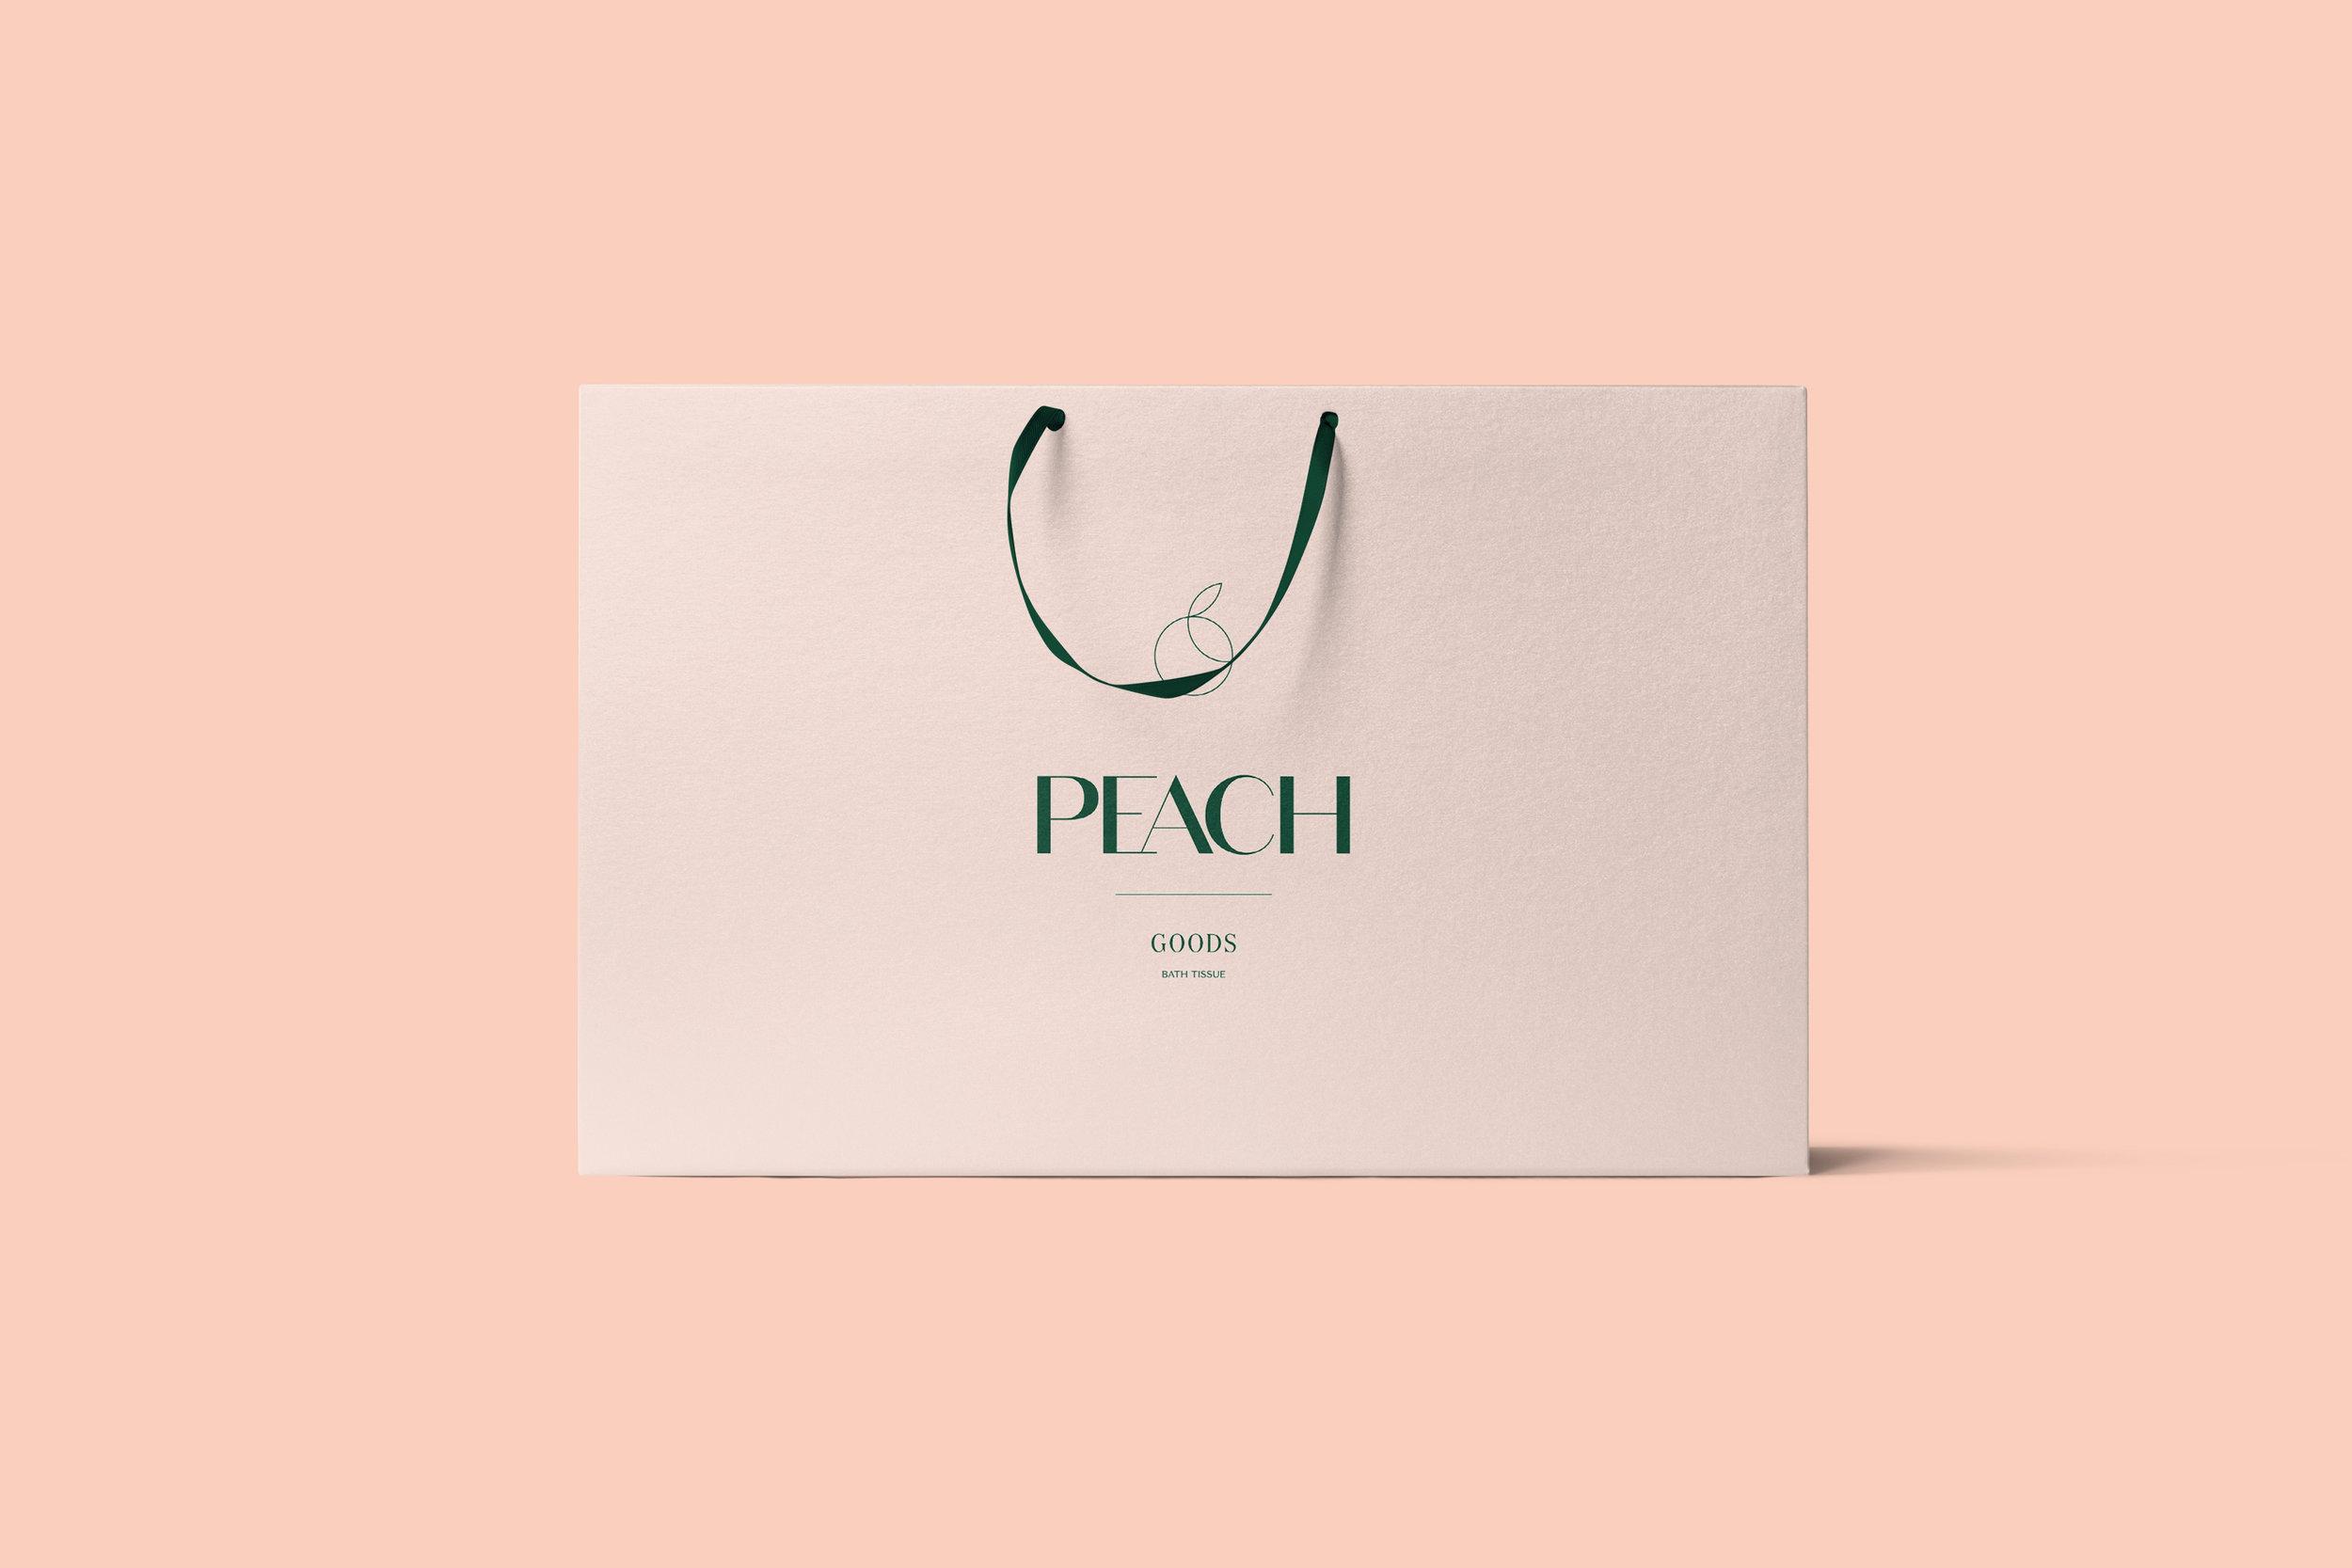 Peach_3000_2000_19.jpg